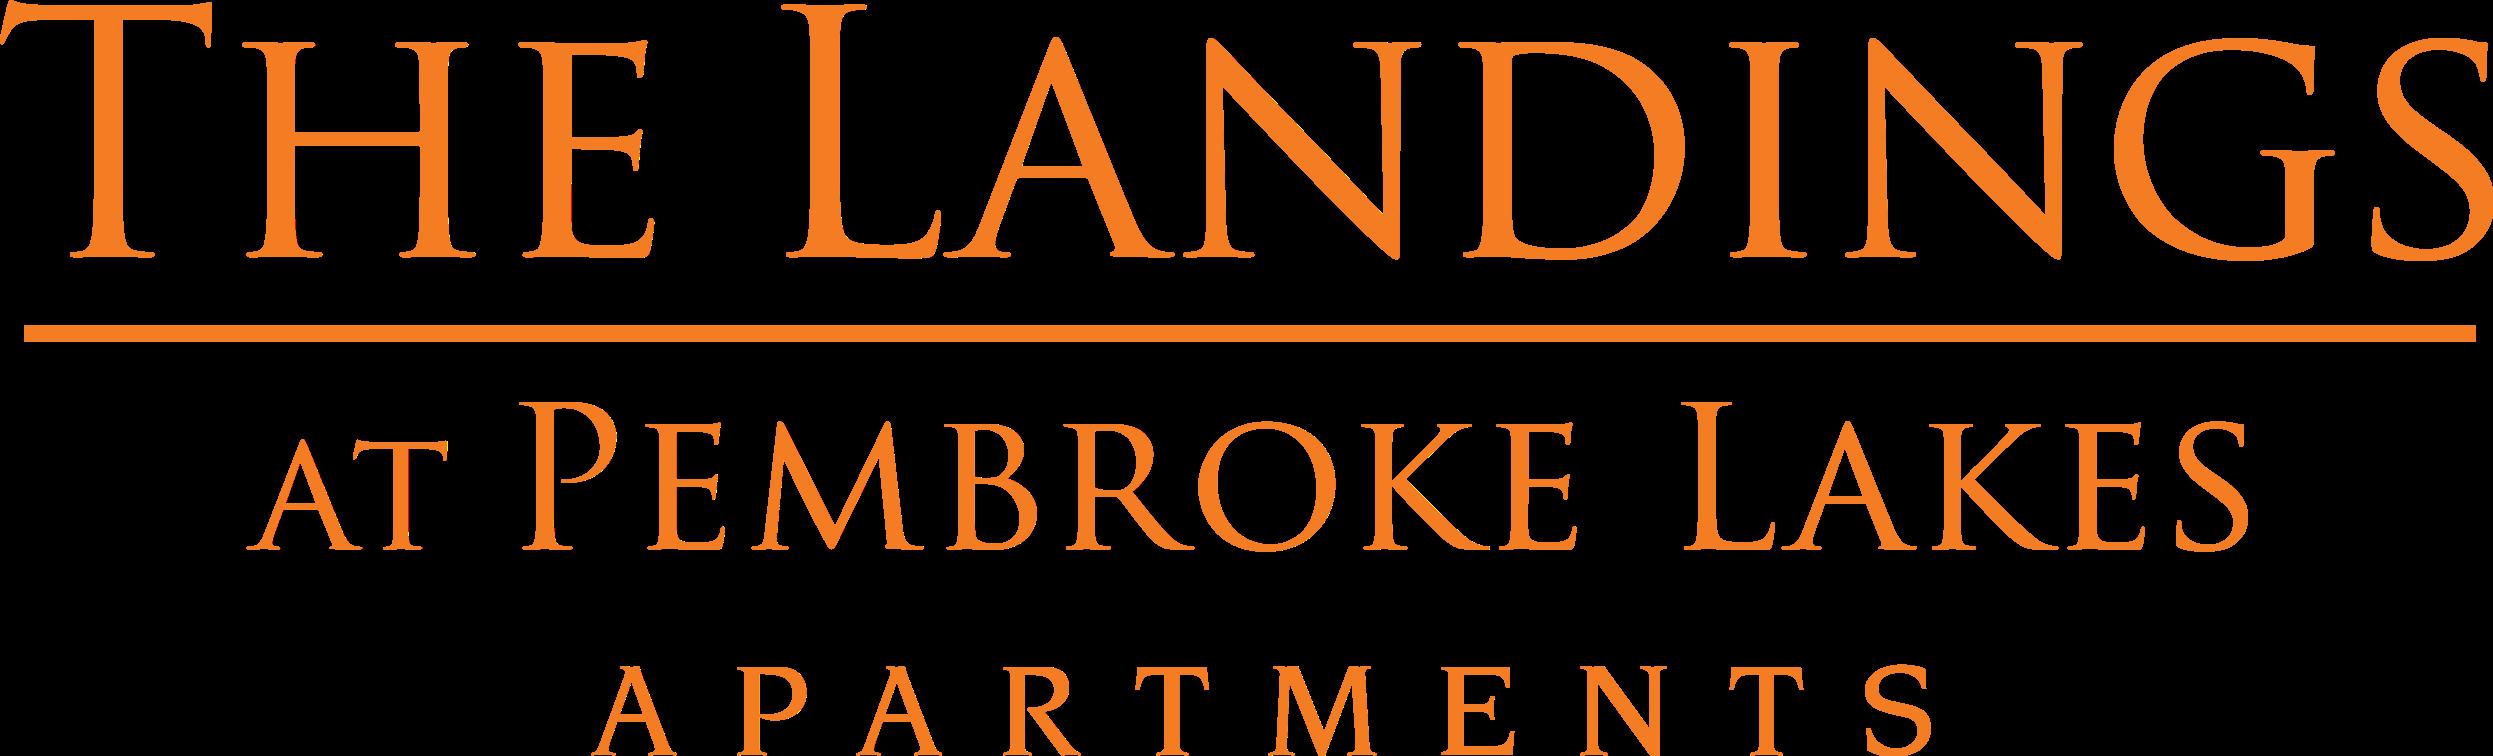 Pembroke Pines Property Logo 50